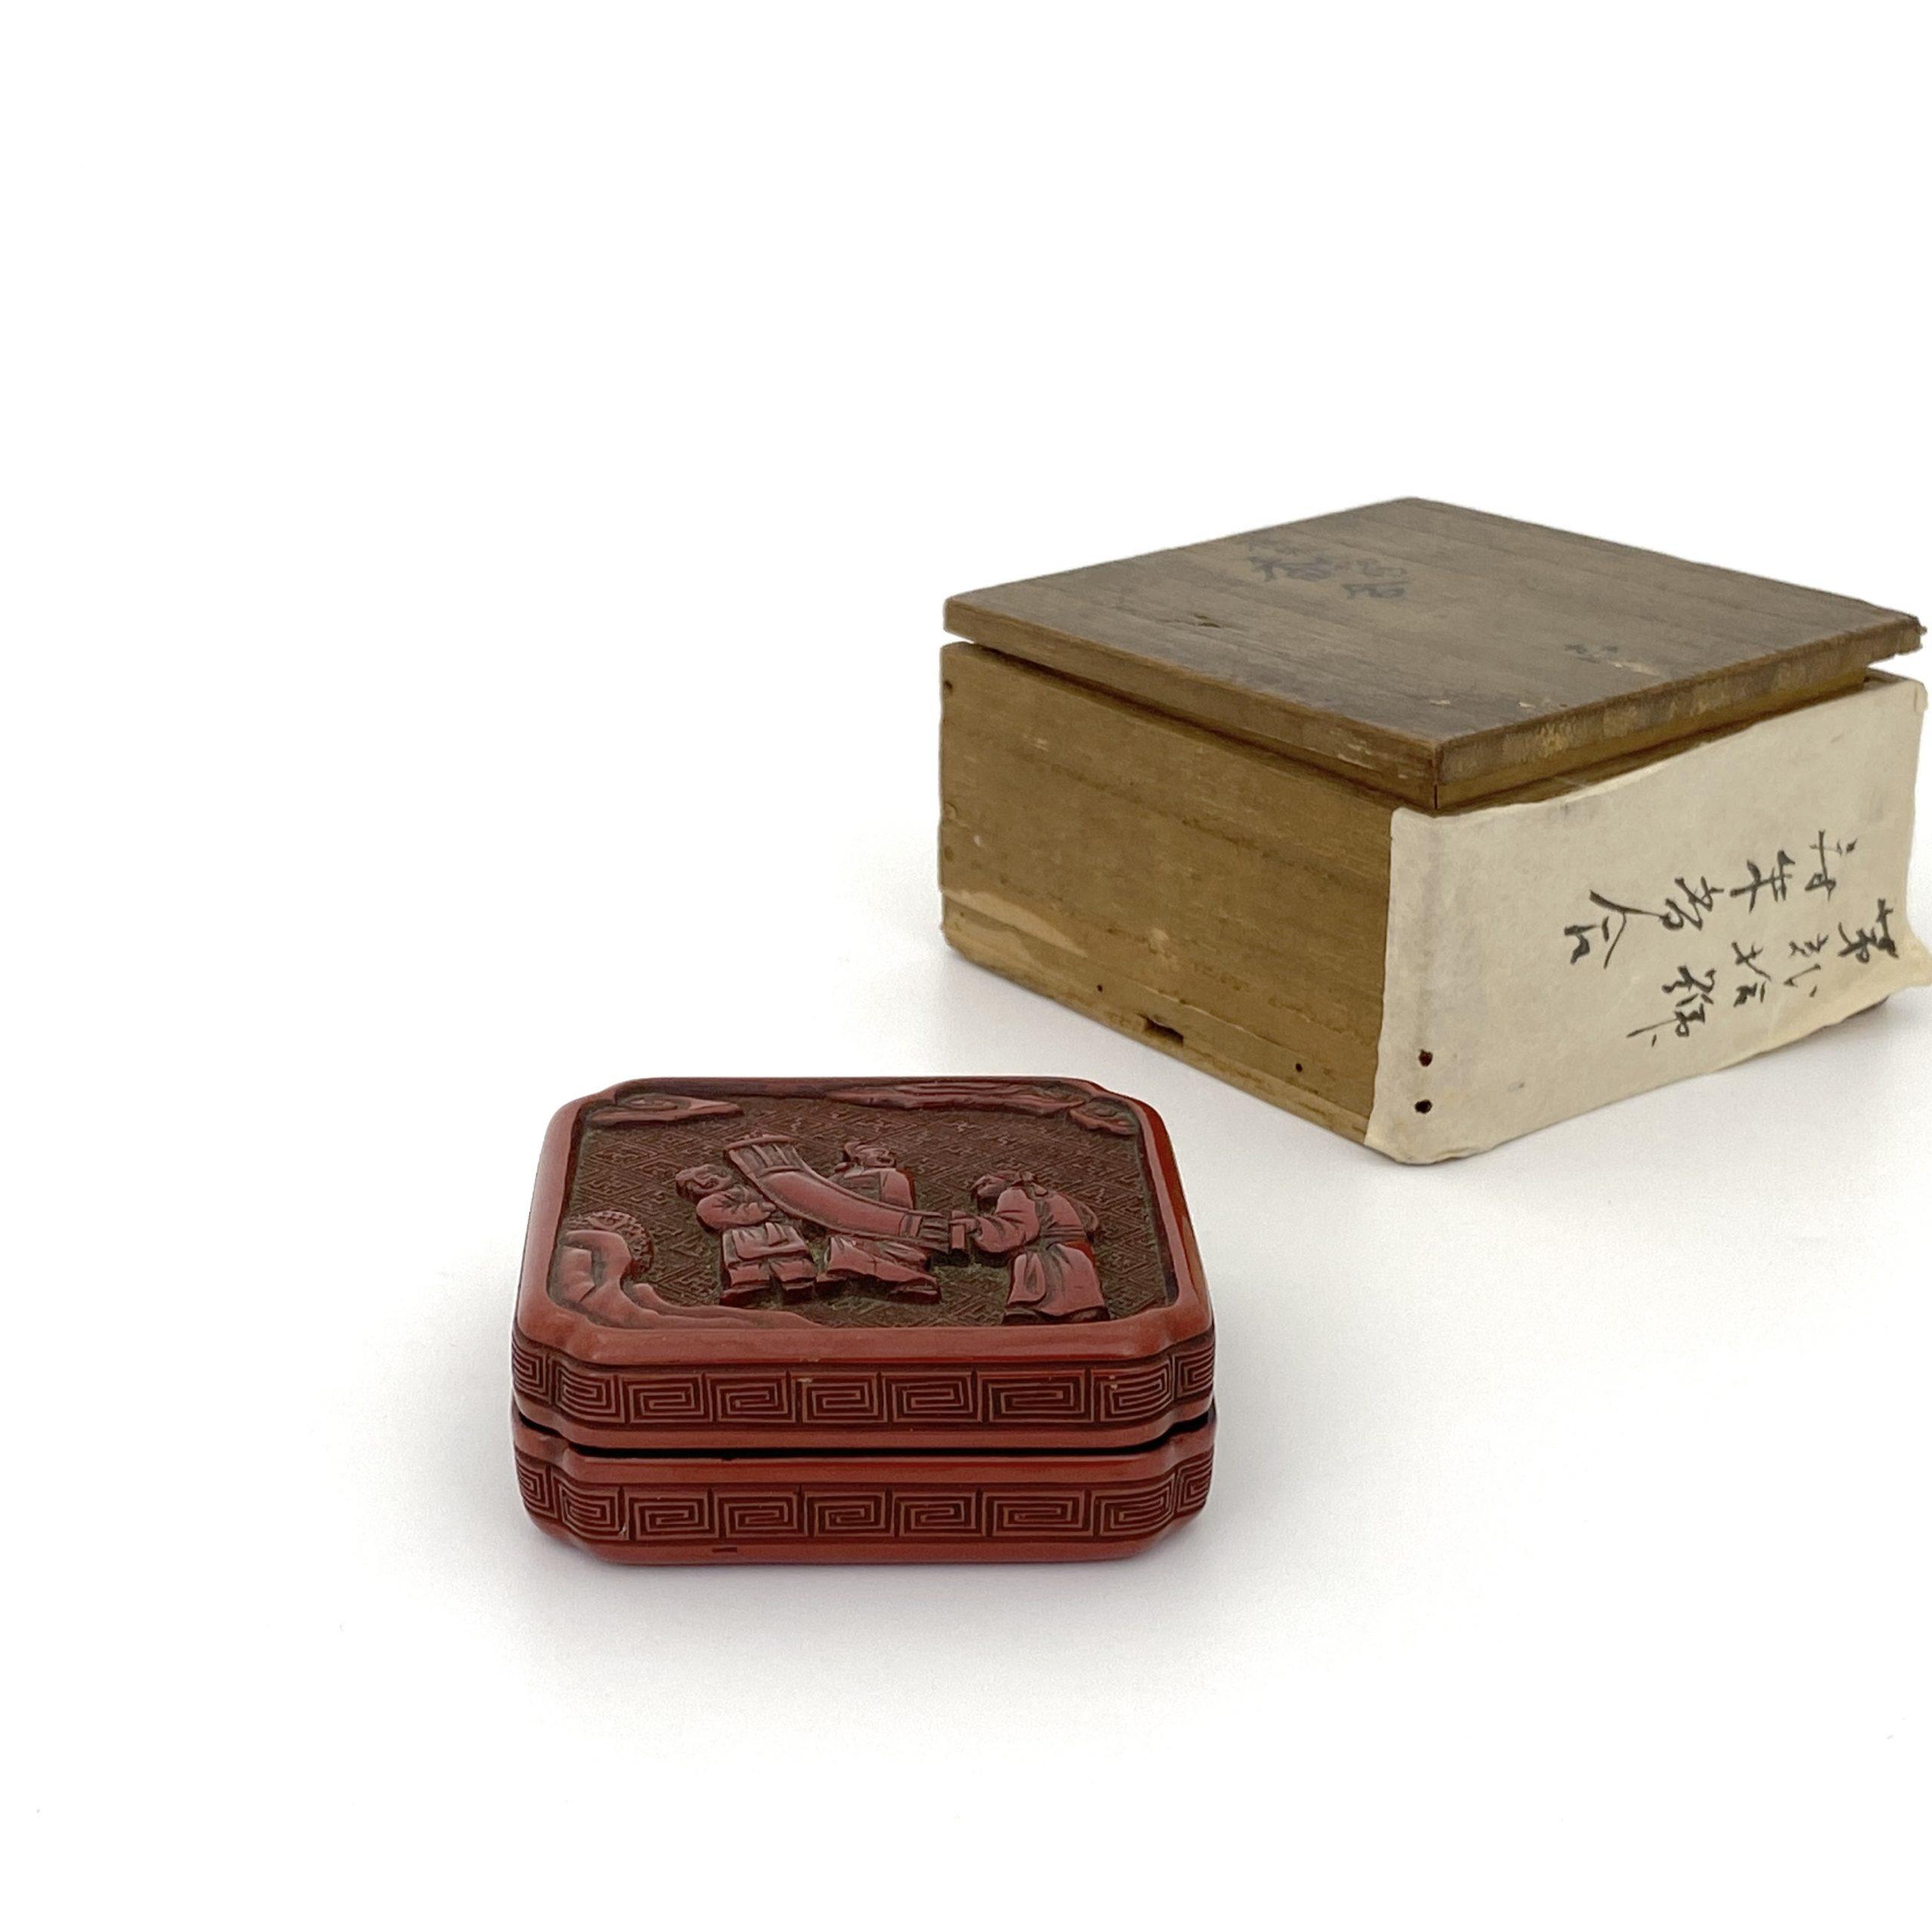 21467明 剔紅雕 人物紋 蓋盒